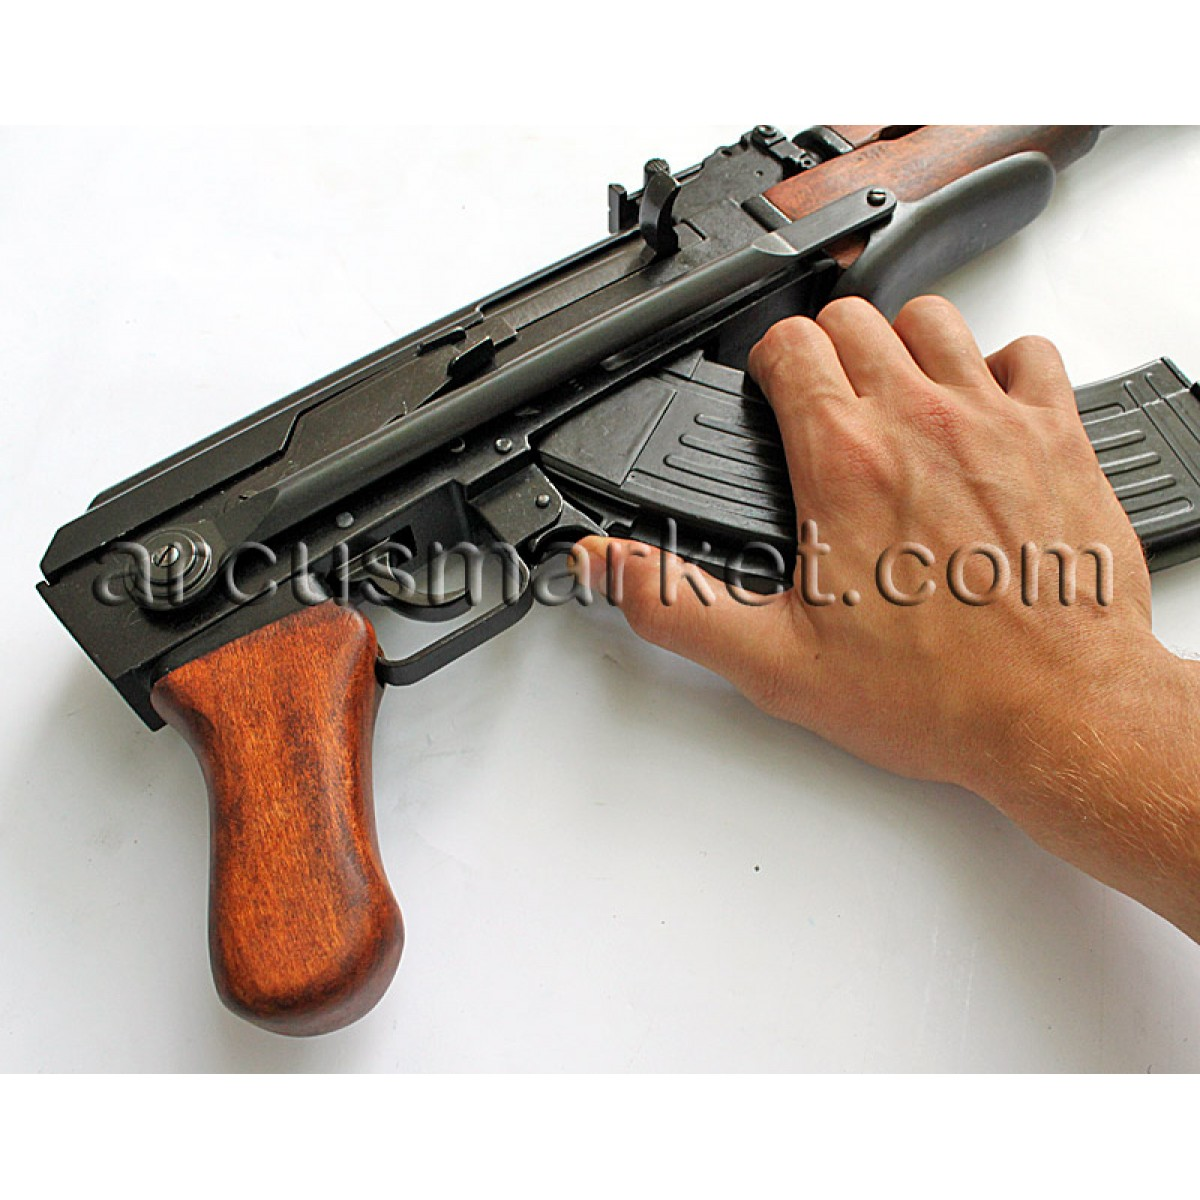 Автомат Калашникова АКС-47, ММГ копия